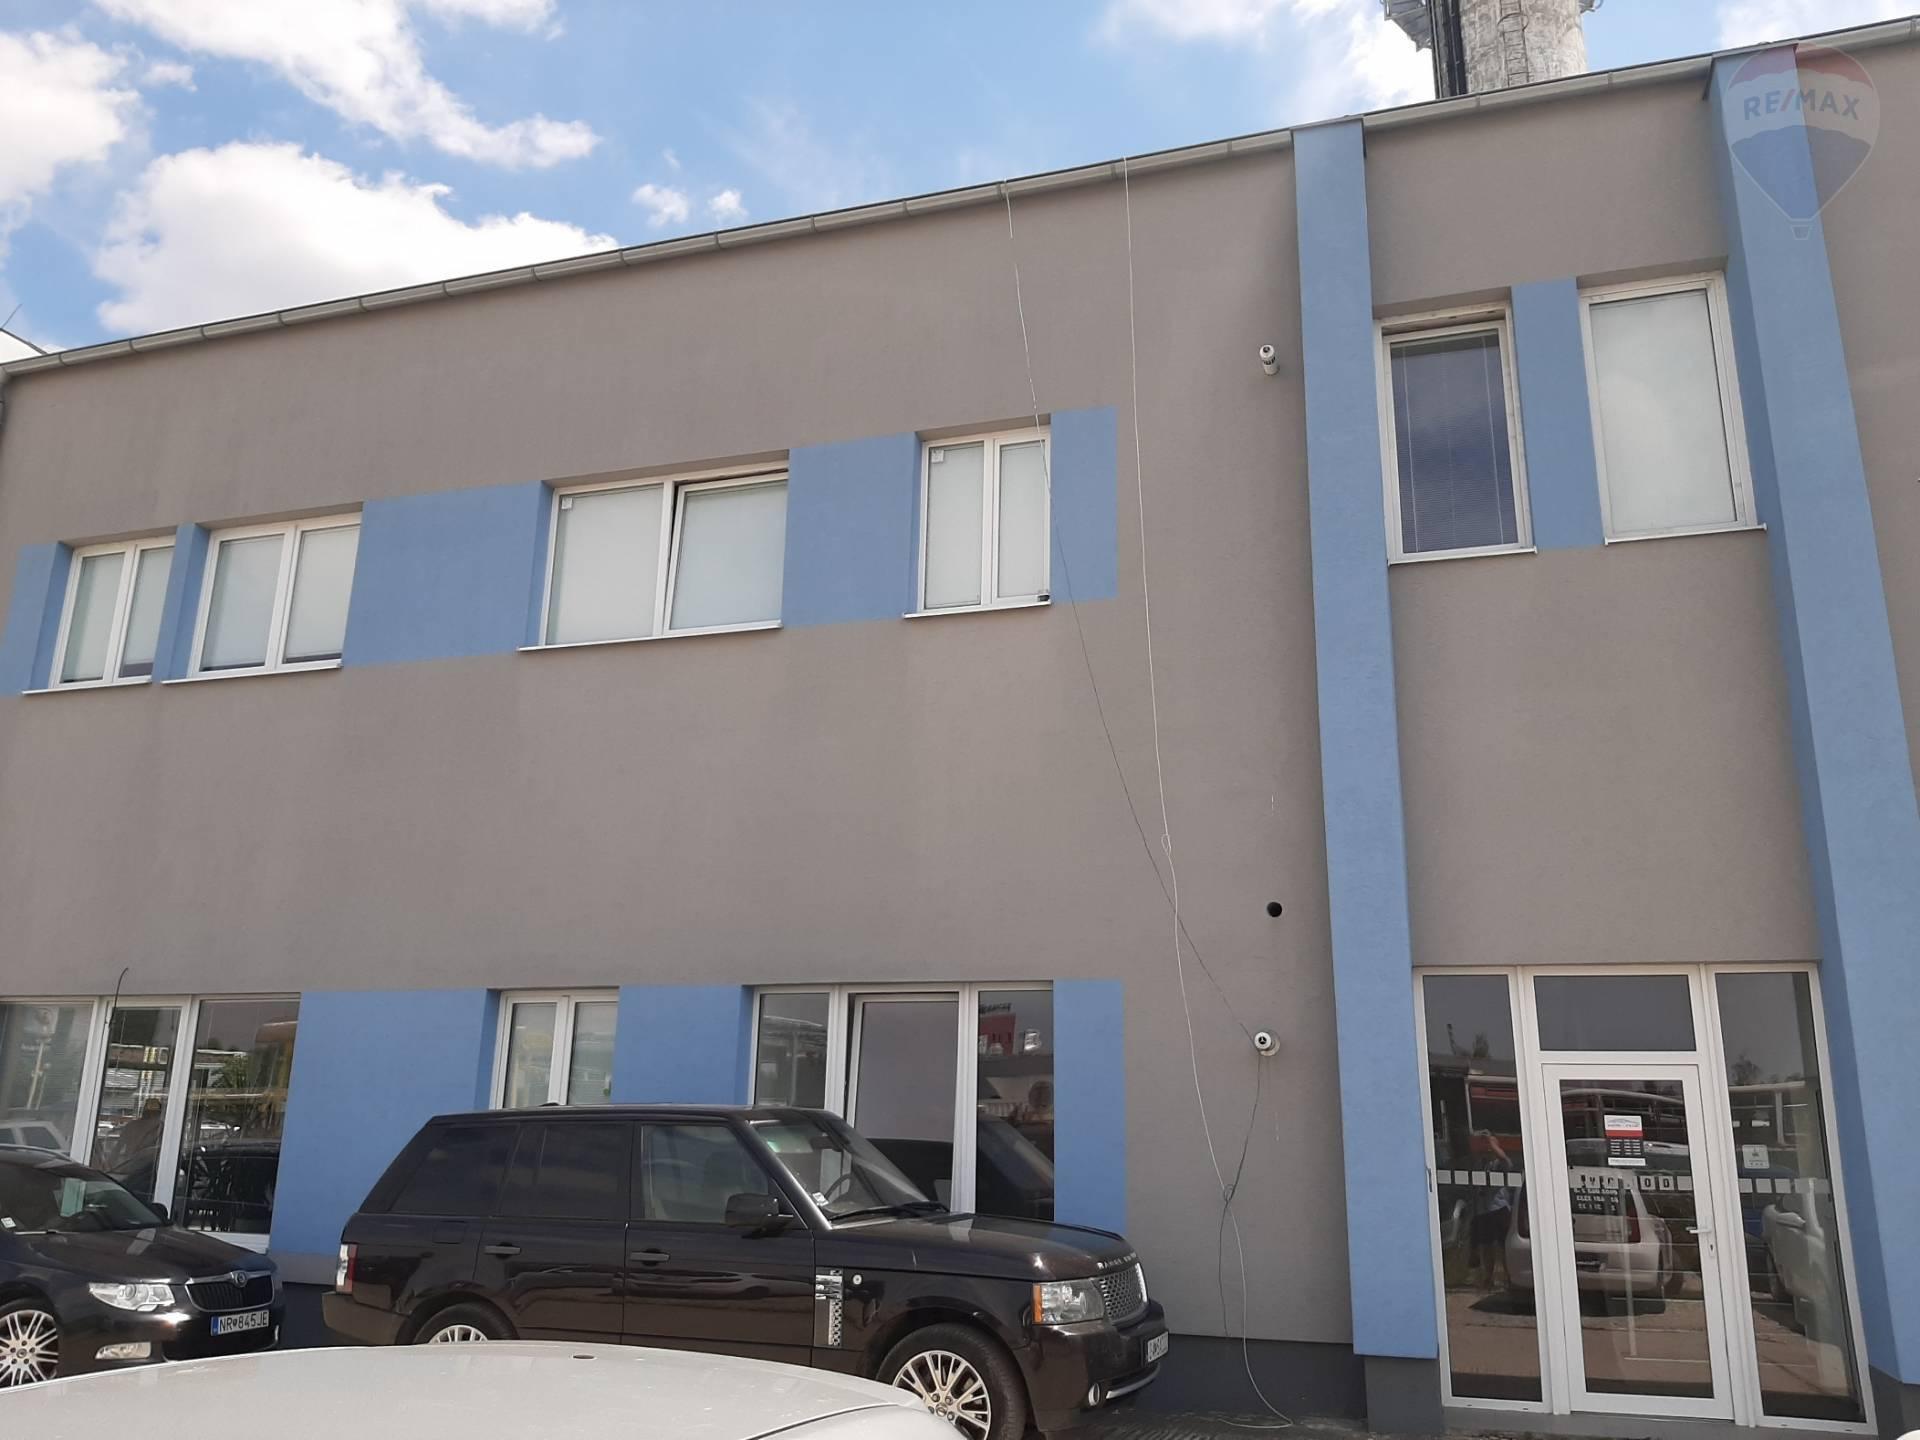 Prenájom kancelárskych priestorov 92 m2 Bratislavská cesta, Nitra